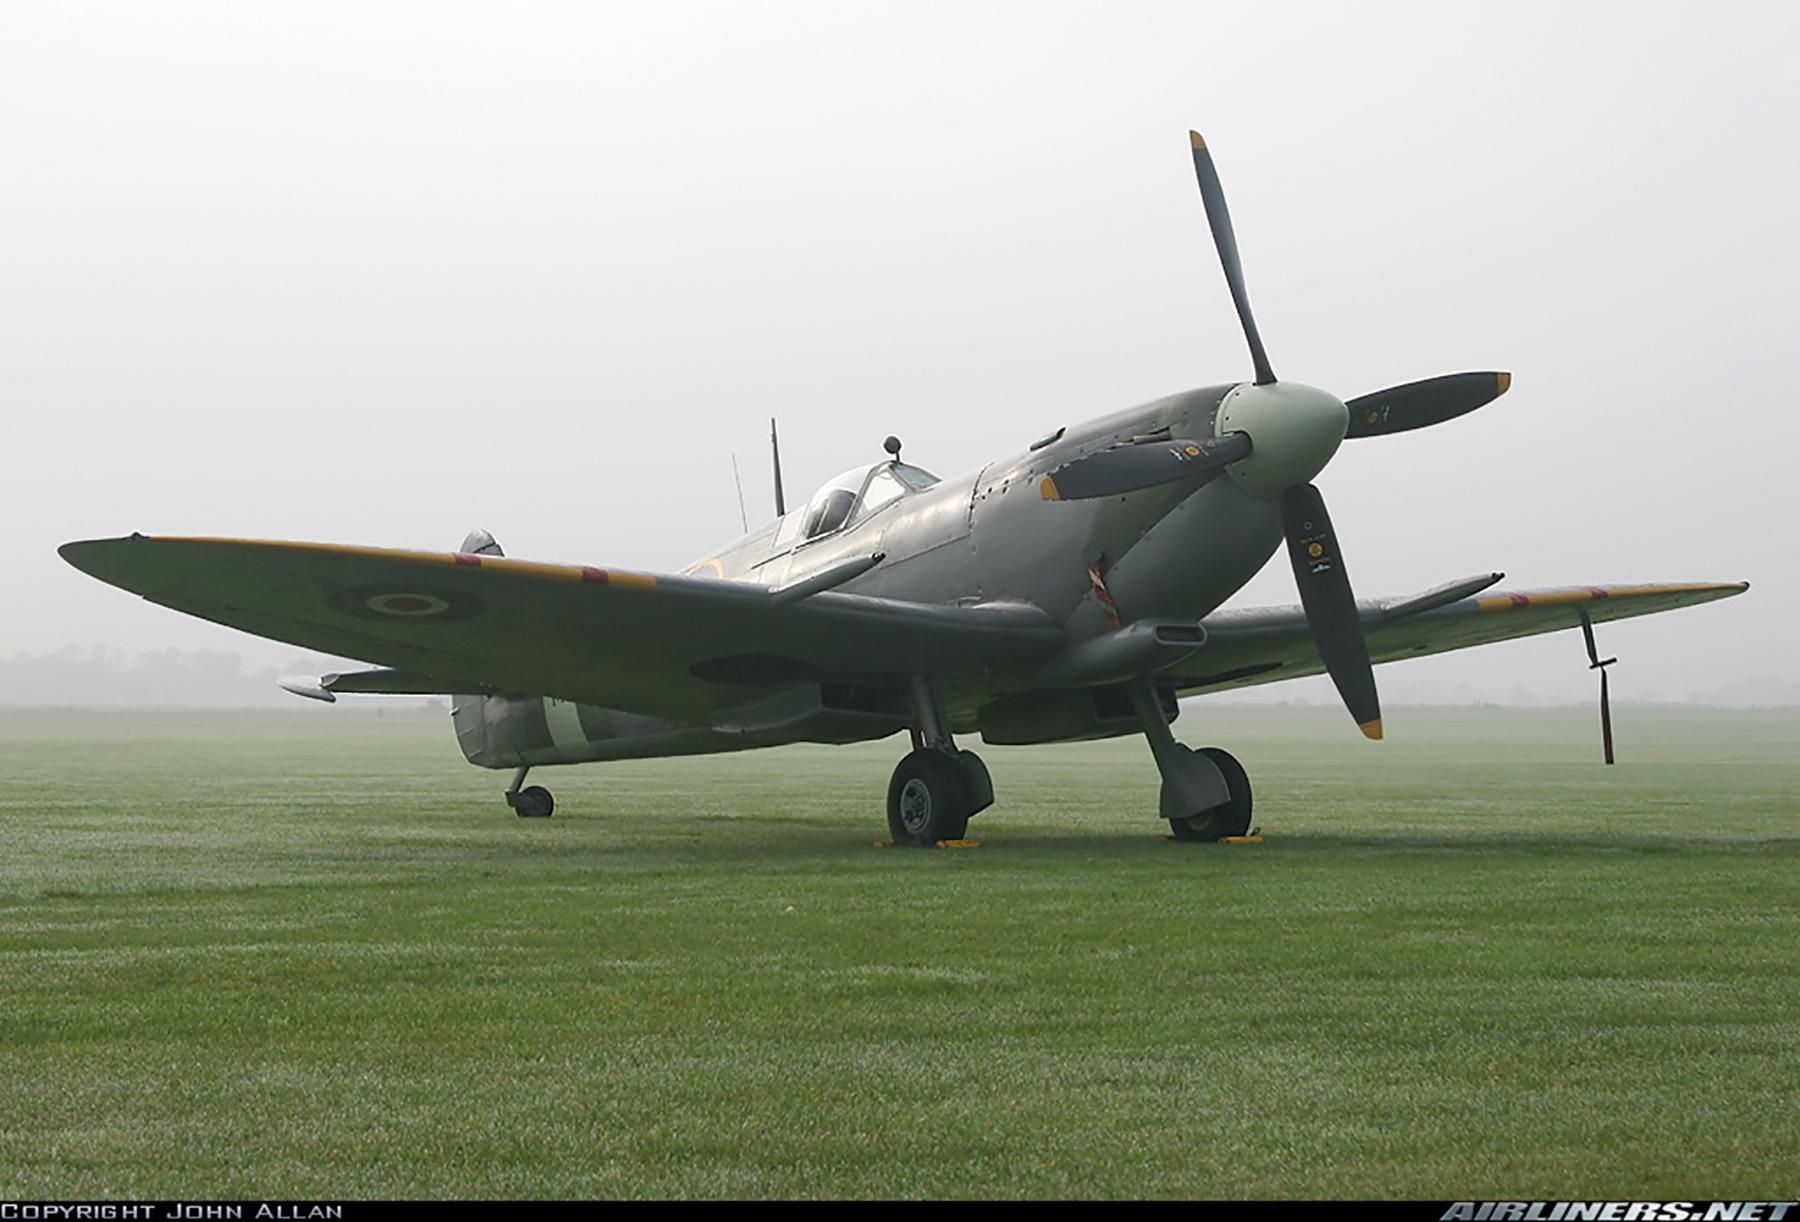 Airworthy Spitfire warbird RAF 222Sqn ZDB MH434 England 16